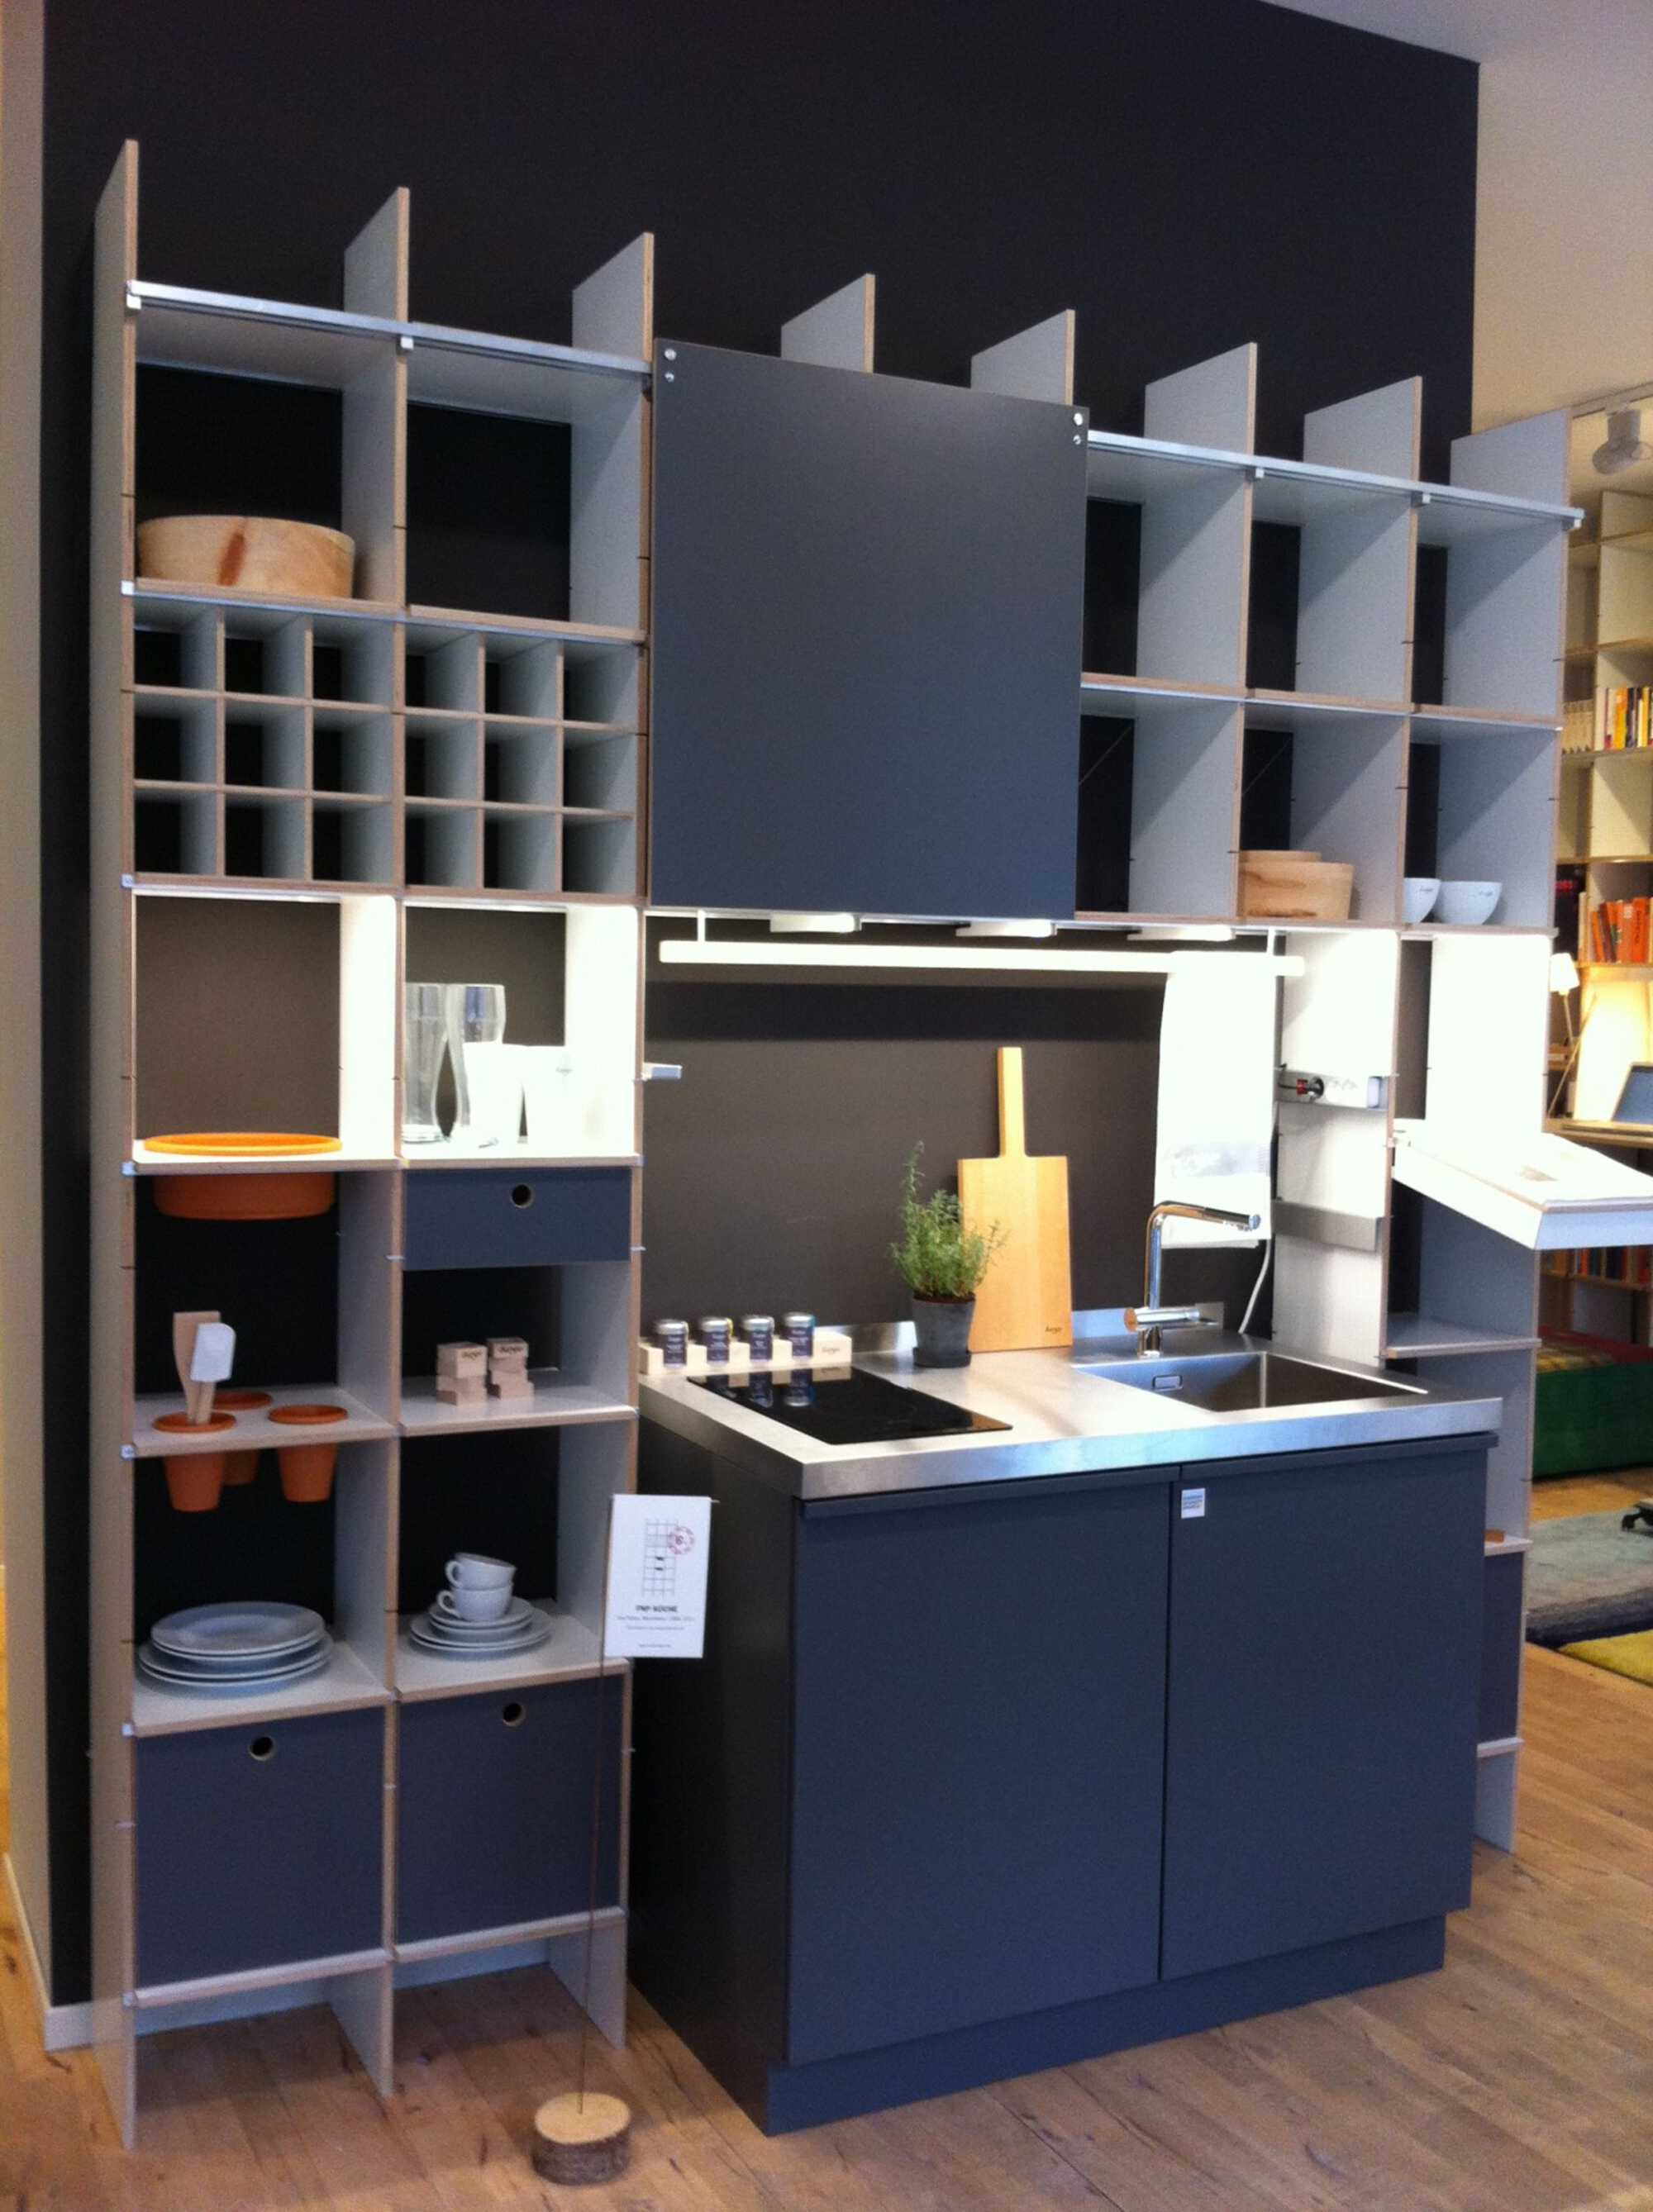 fnp moormann nils holger moormann u planning with design classics moormann with fnp moormann. Black Bedroom Furniture Sets. Home Design Ideas